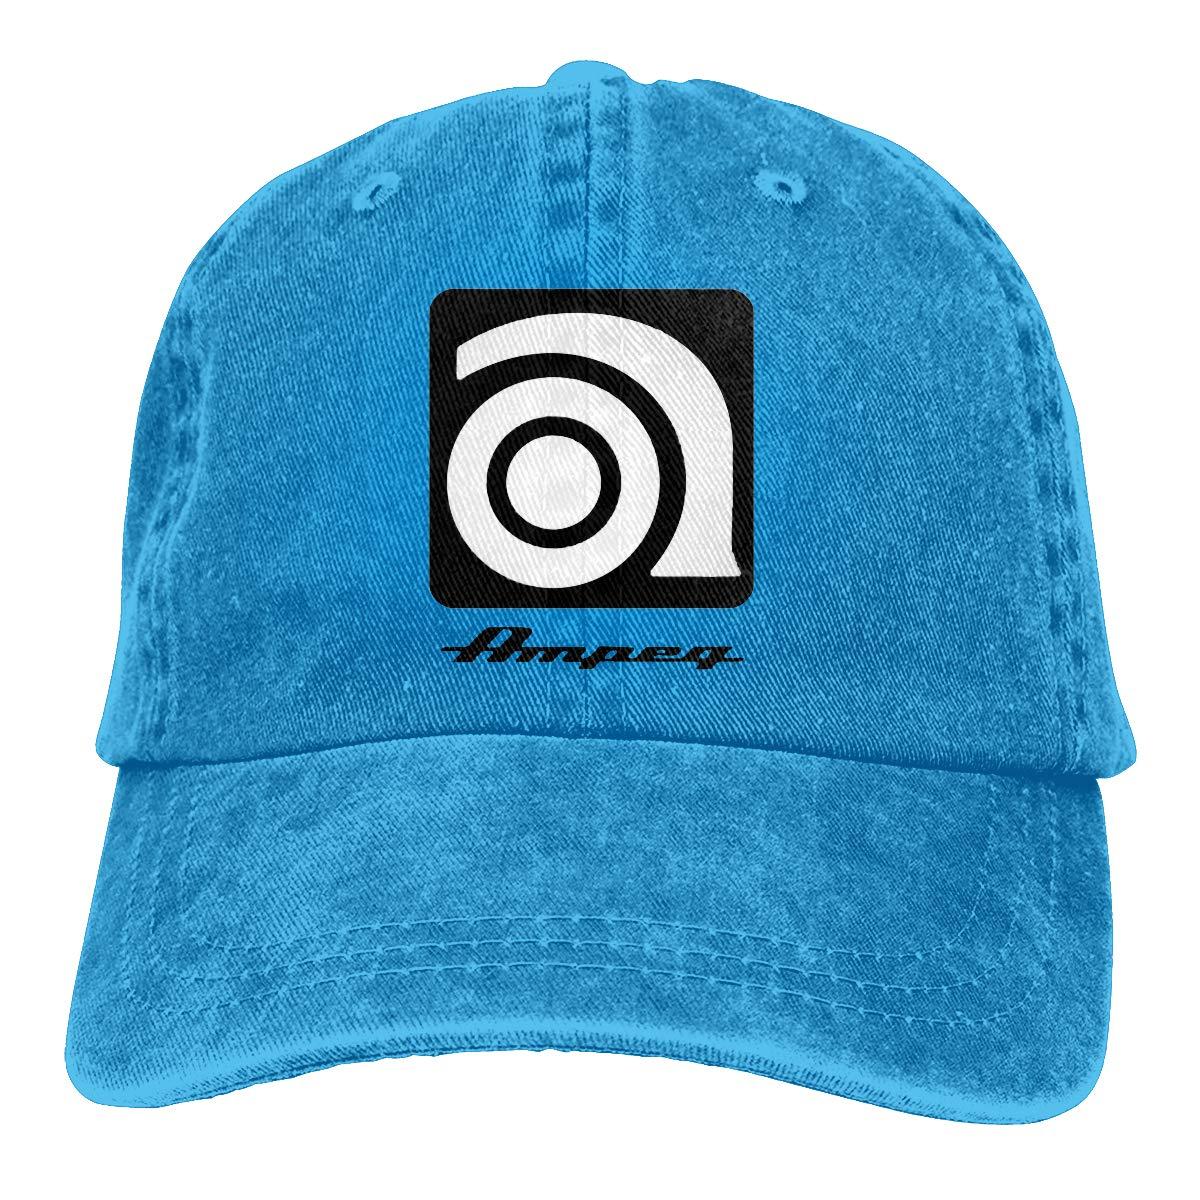 Ampeg Amp Adjustable Denim Hats